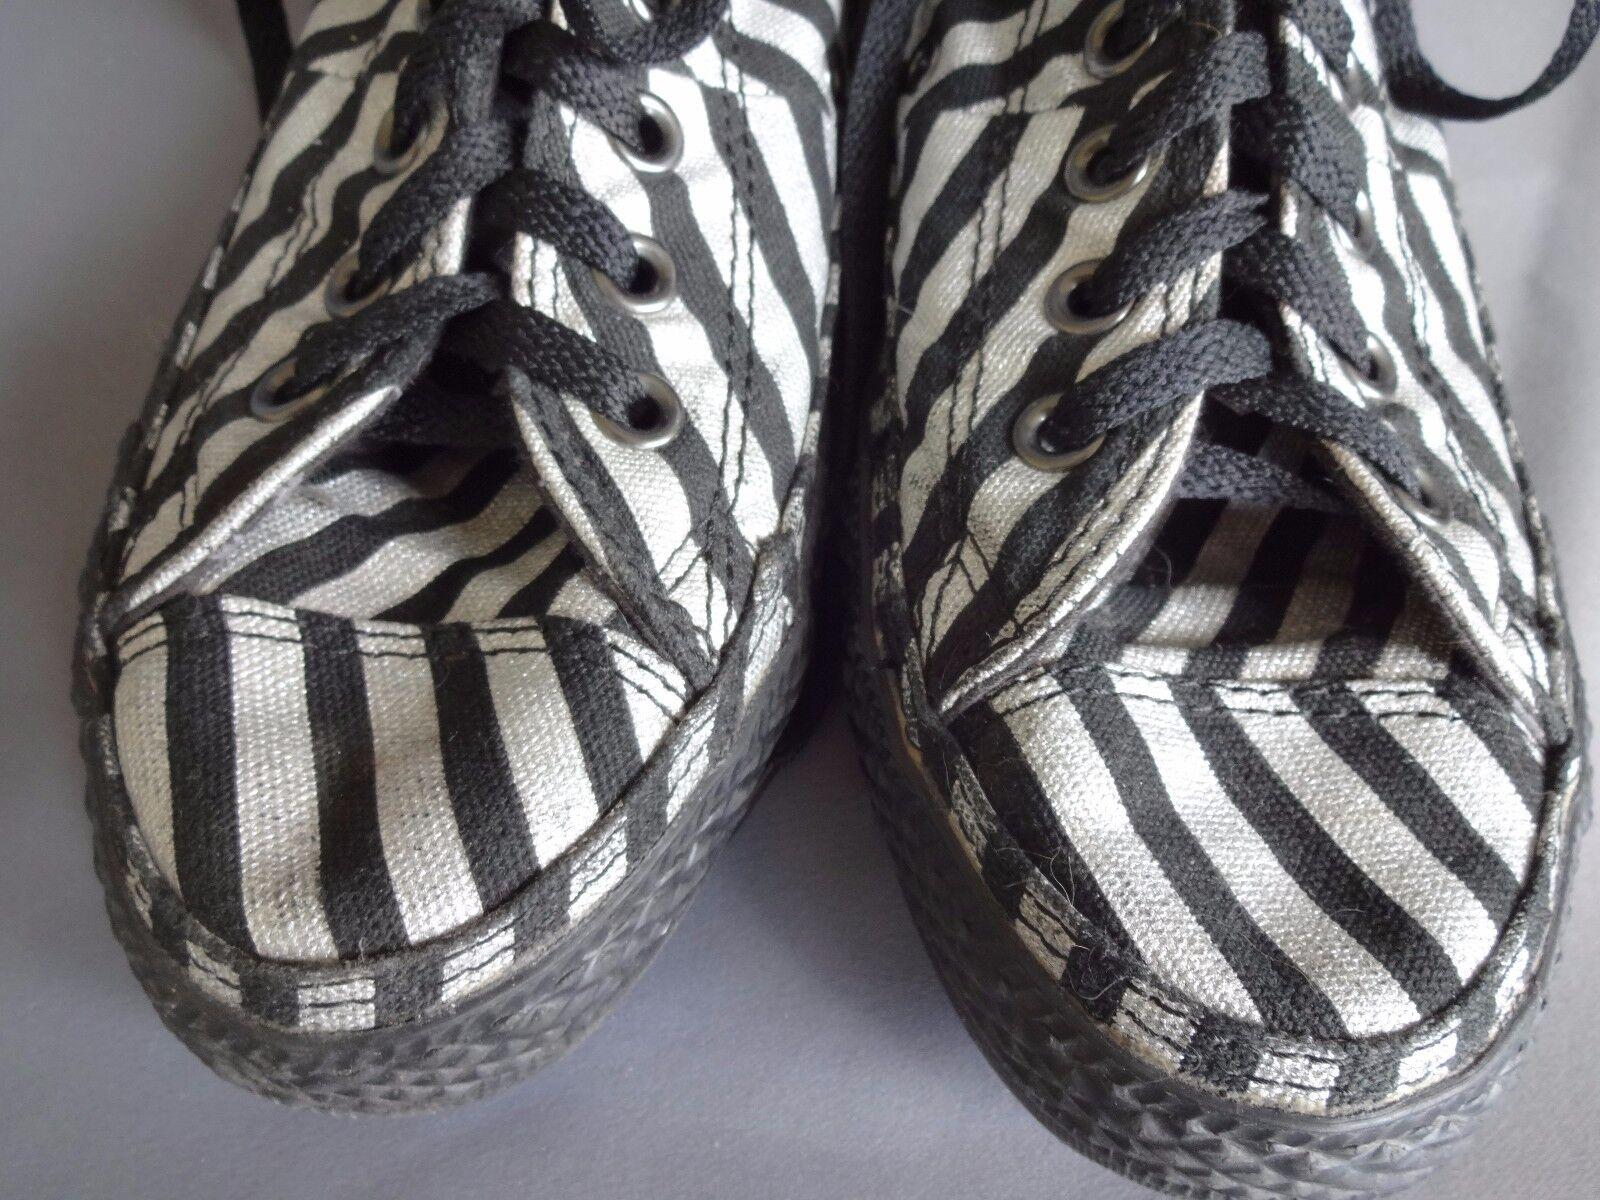 CONVERSE ALL FEMME STAR CHAUSSURE BASKET TISSUS GRIS NOIR HOMME FEMME ALL Schuhe pt 39,5 b924c9